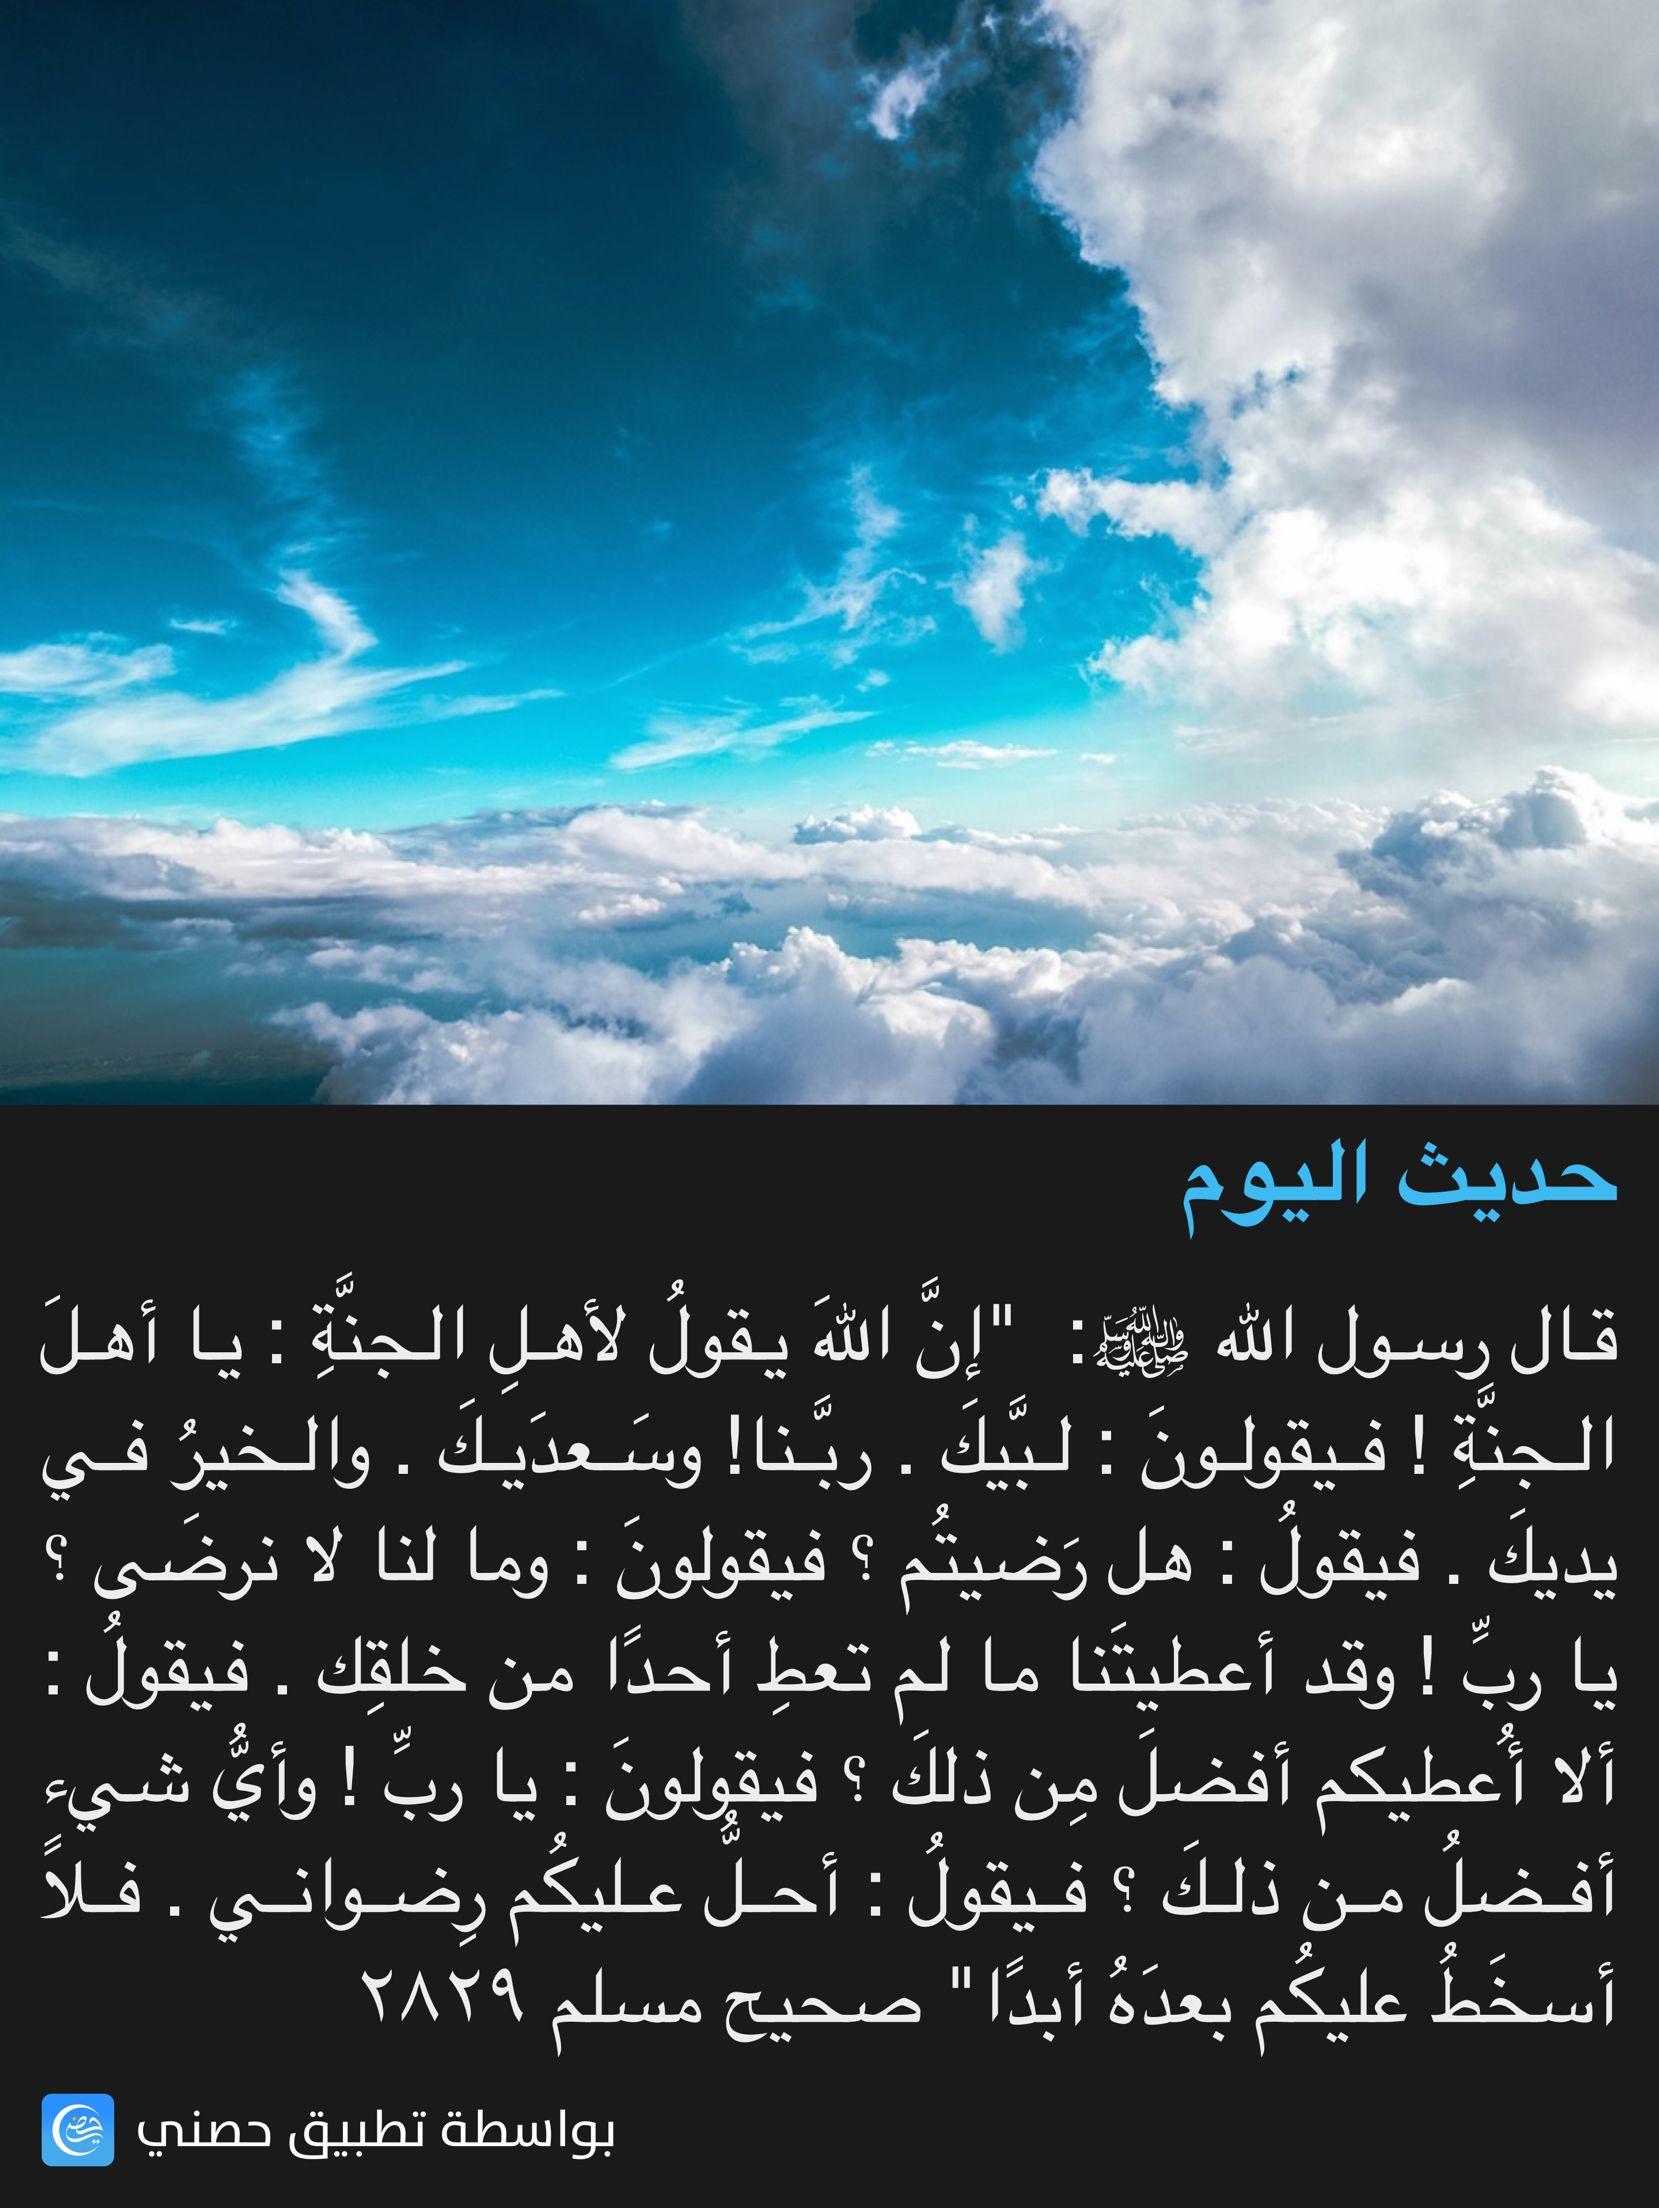 حديث اليوم Islamic Quotes Quran Islam Islam Hadith